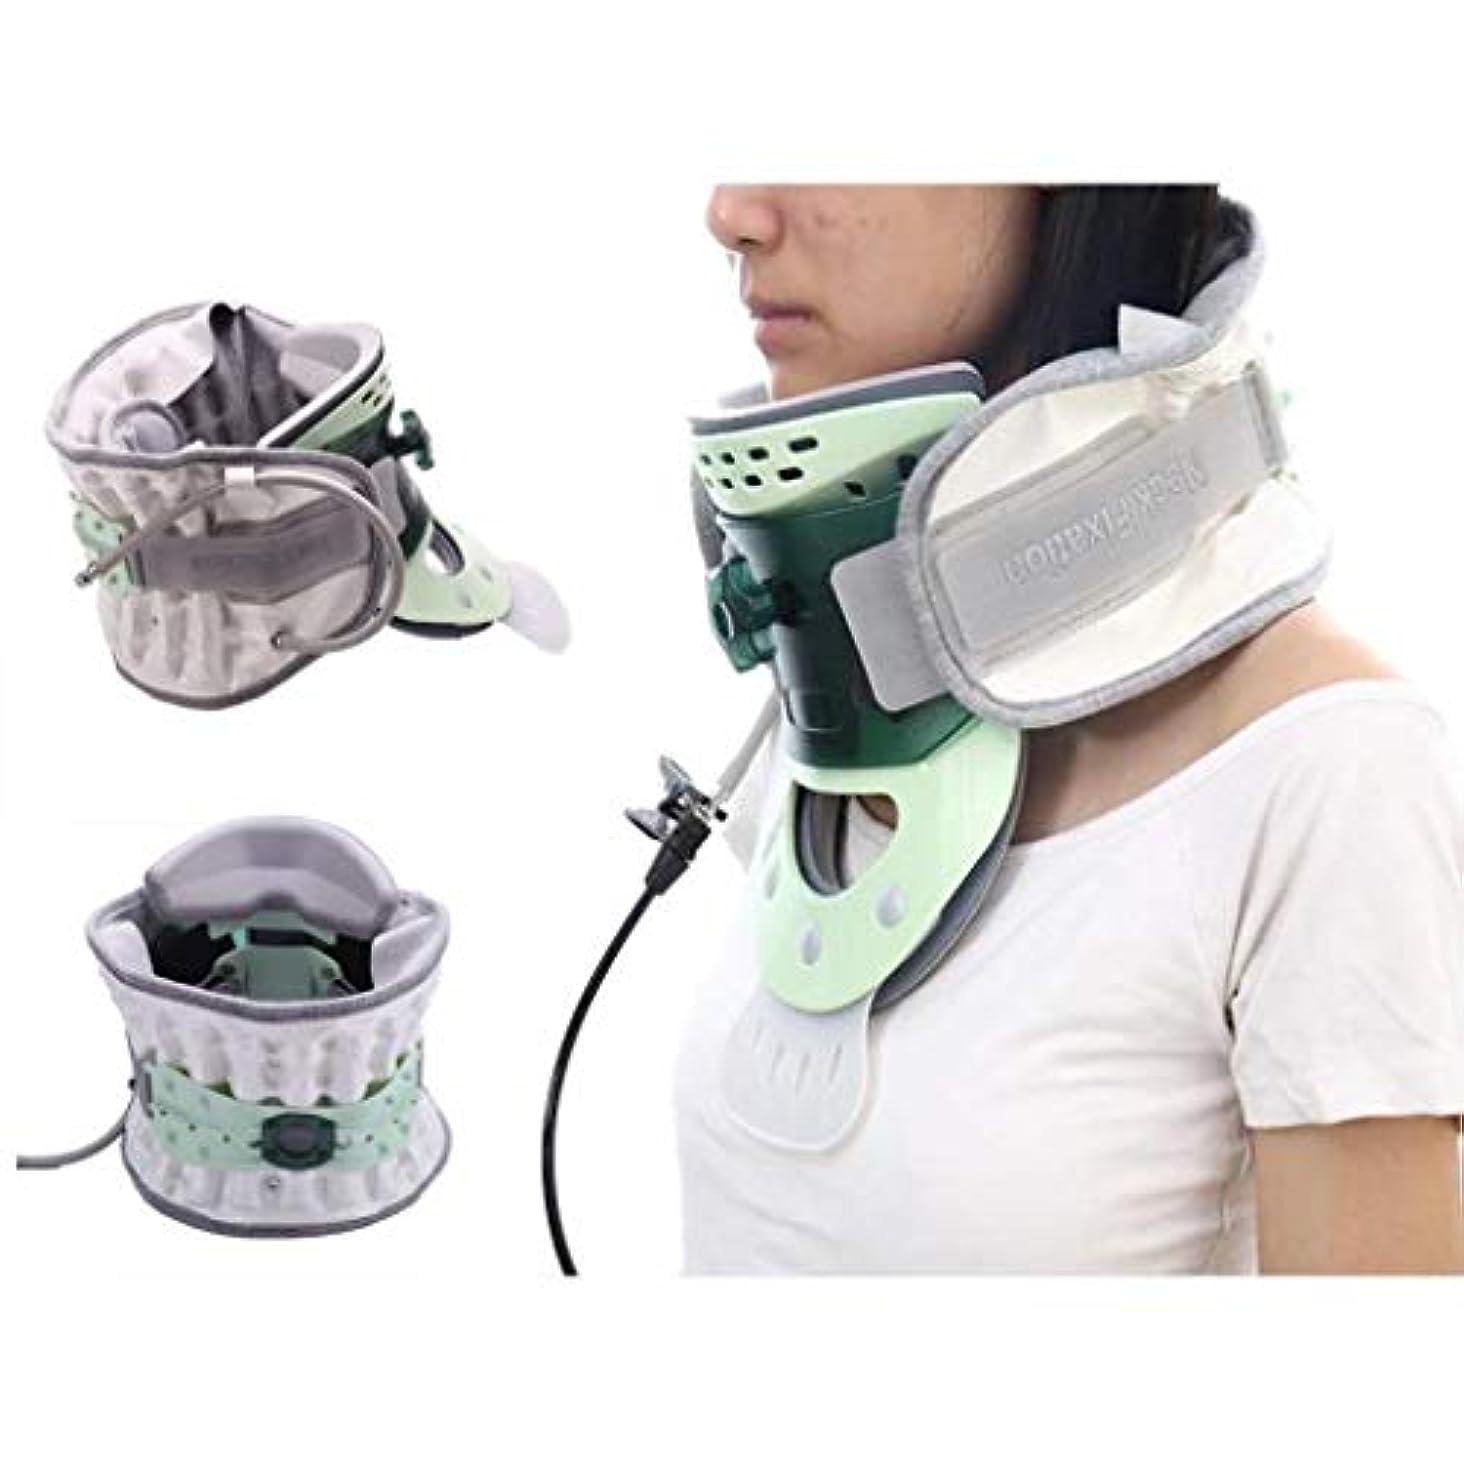 ローマ人関数解説首の痛みや頸椎症の人に適したインフレータブル頸椎トラクター、首牽引装置、家の保護頸椎矯正器具